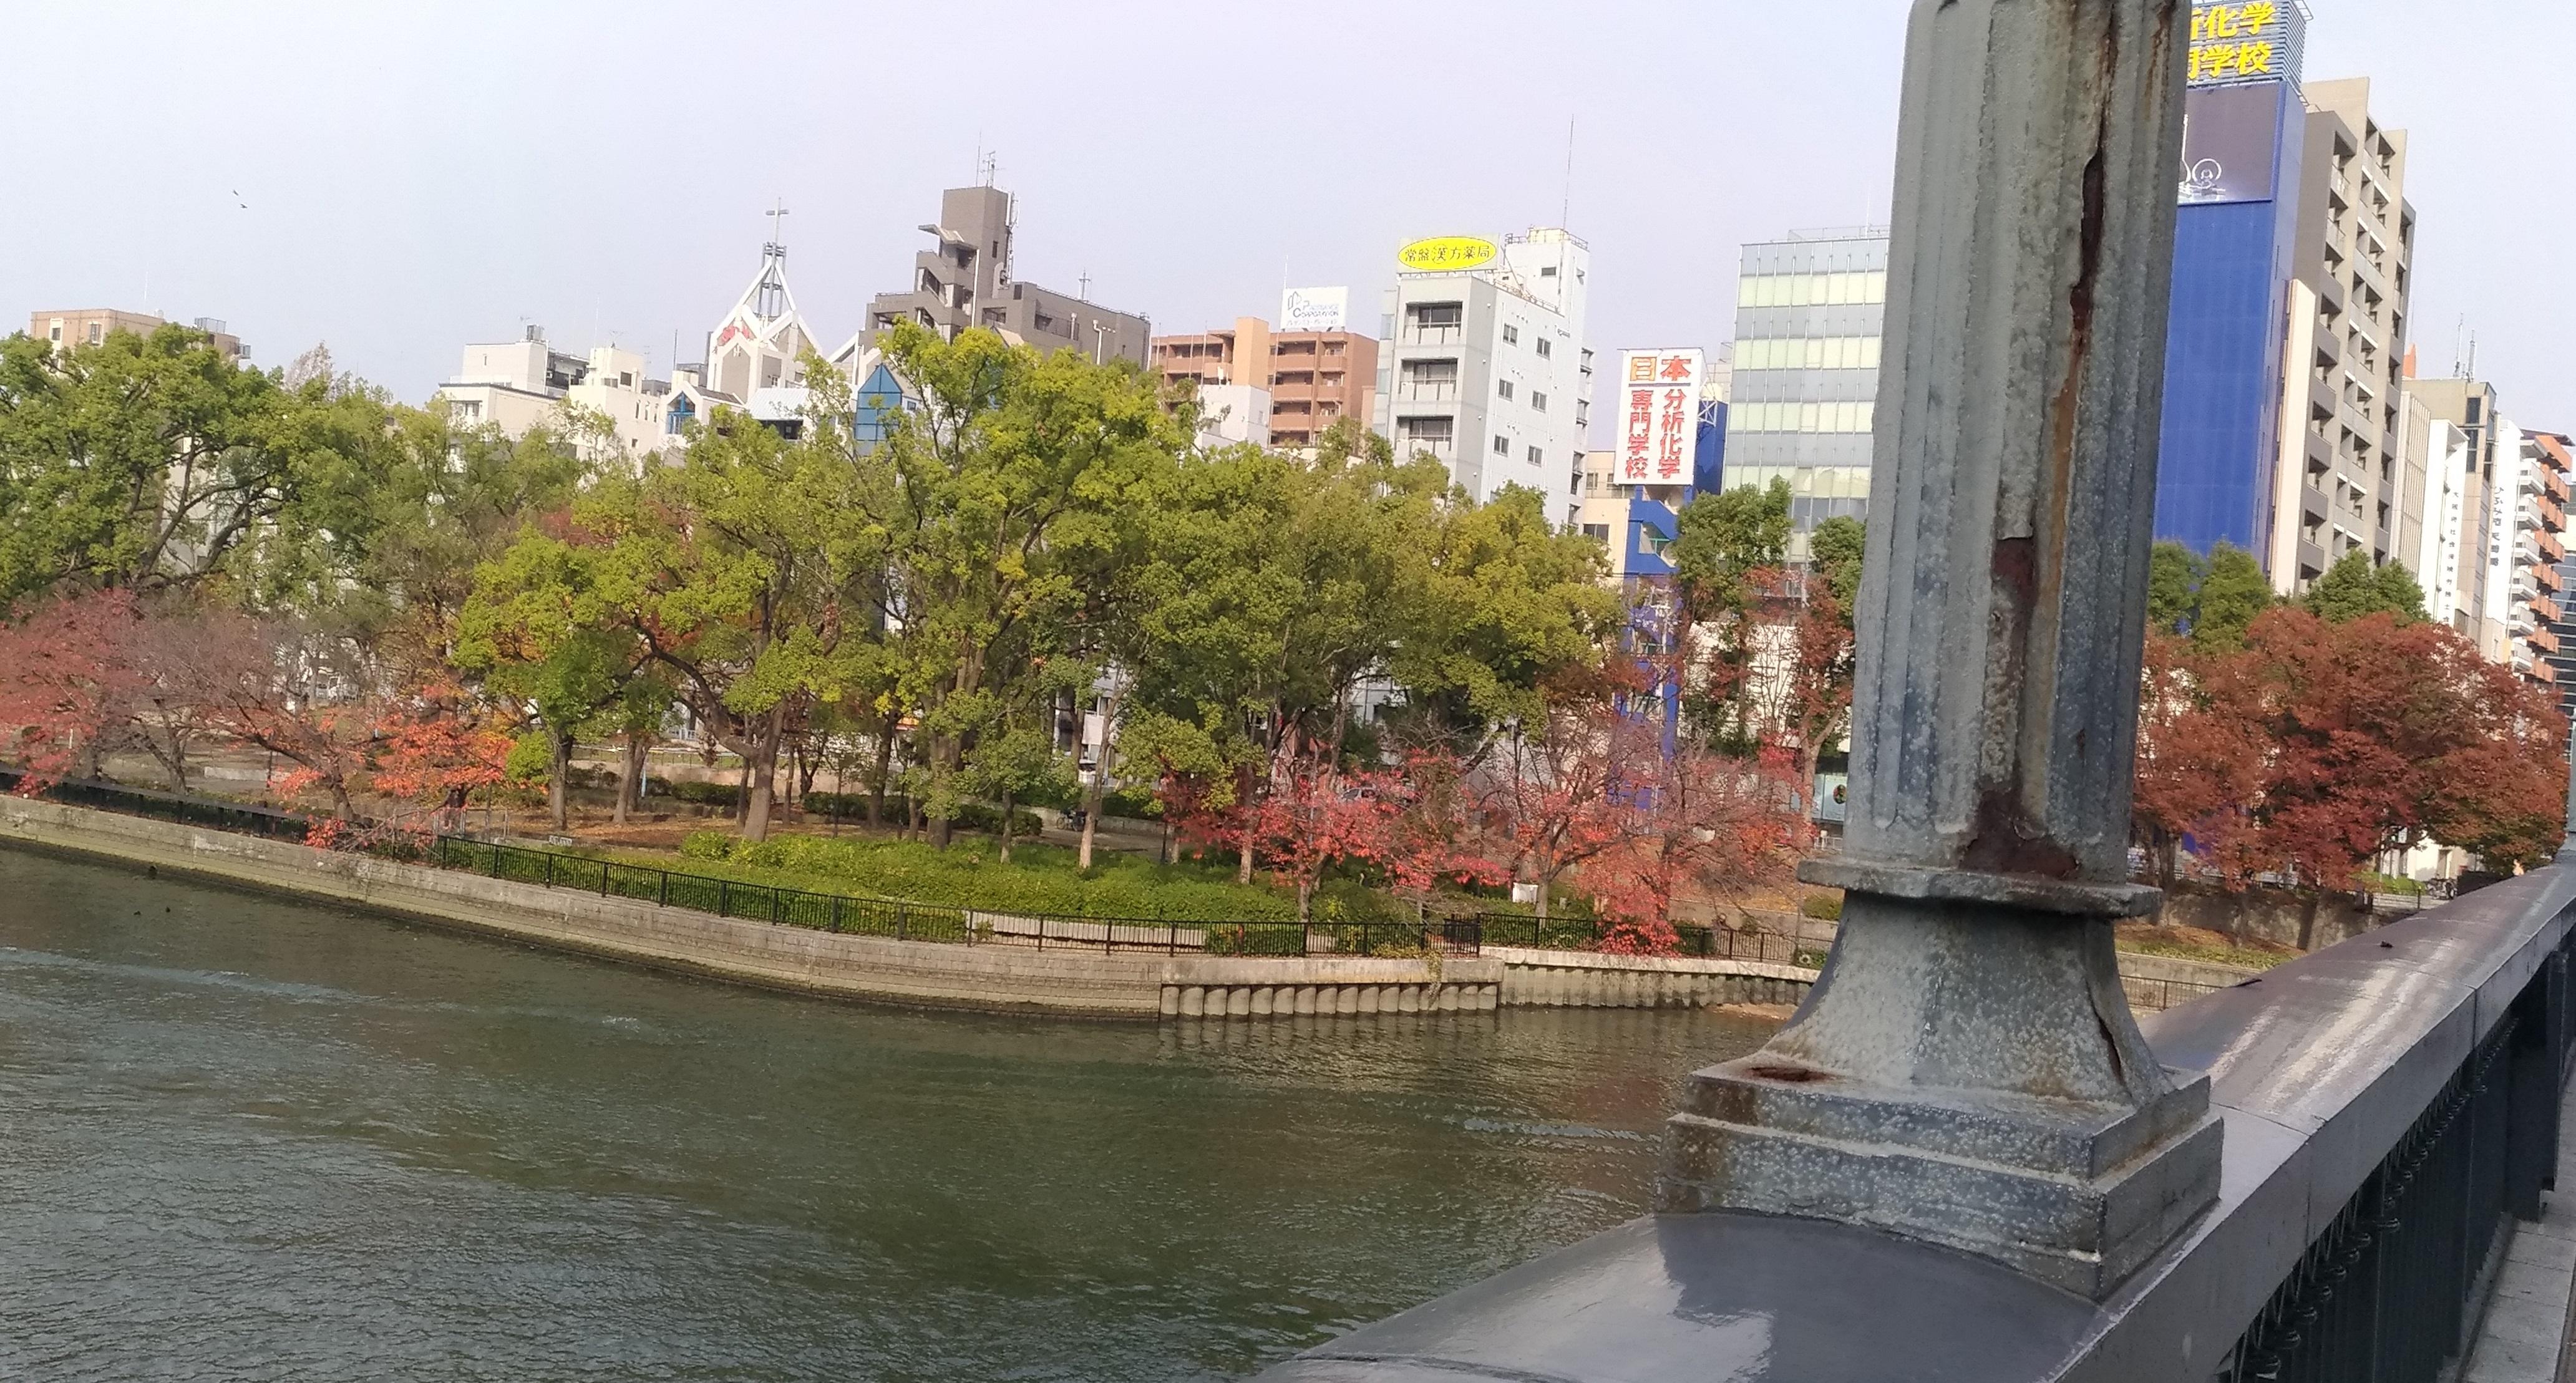 osaka_temmabashi_fukei3.jpg